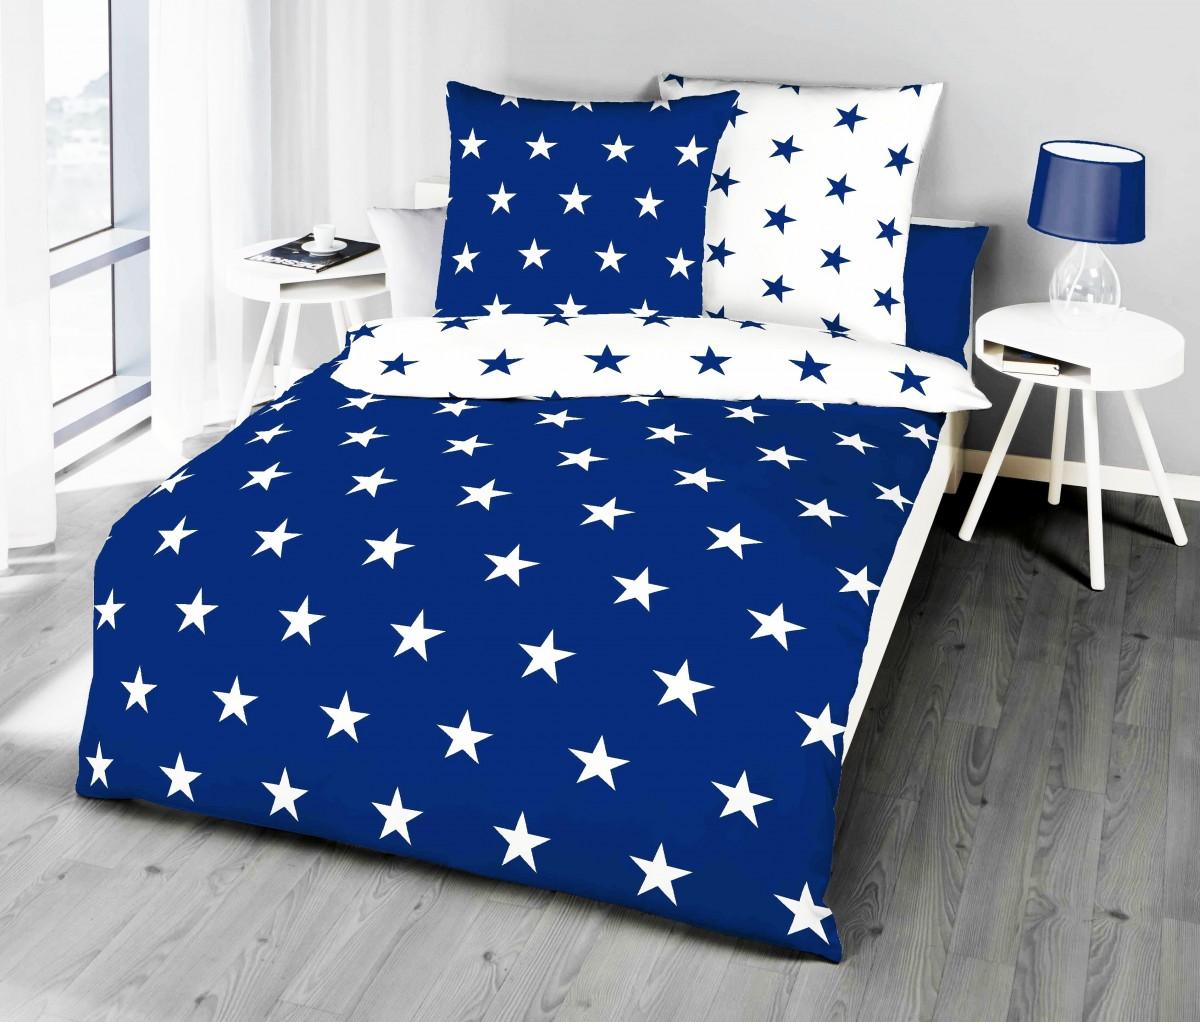 Biber Bettwäsche Sterne : kaeppel biber stern wende bettw sche sterne stars blau ~ Watch28wear.com Haus und Dekorationen